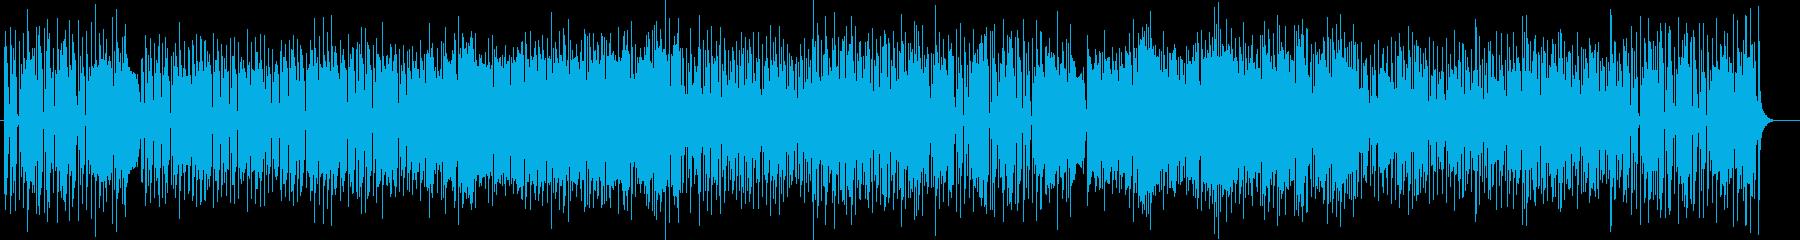 コミカルなシンセ・金属楽器などの曲の再生済みの波形